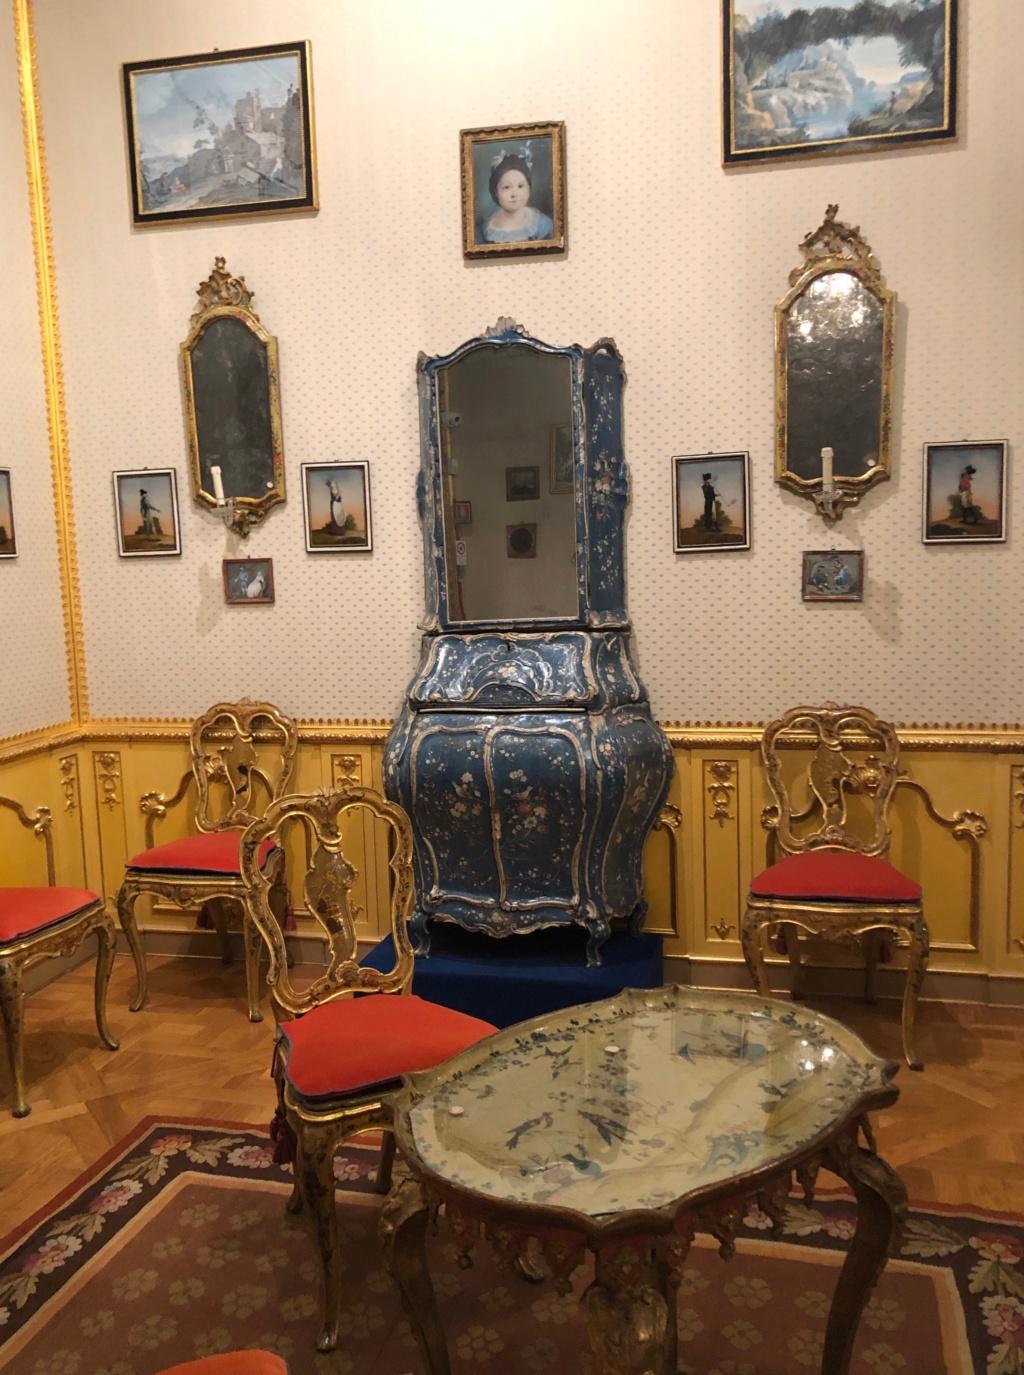 Visite de la Fondation Accorsi - Ometto, musée des arts décoratifs (Turin) : le Cognacq-Jay turinois Img_5533